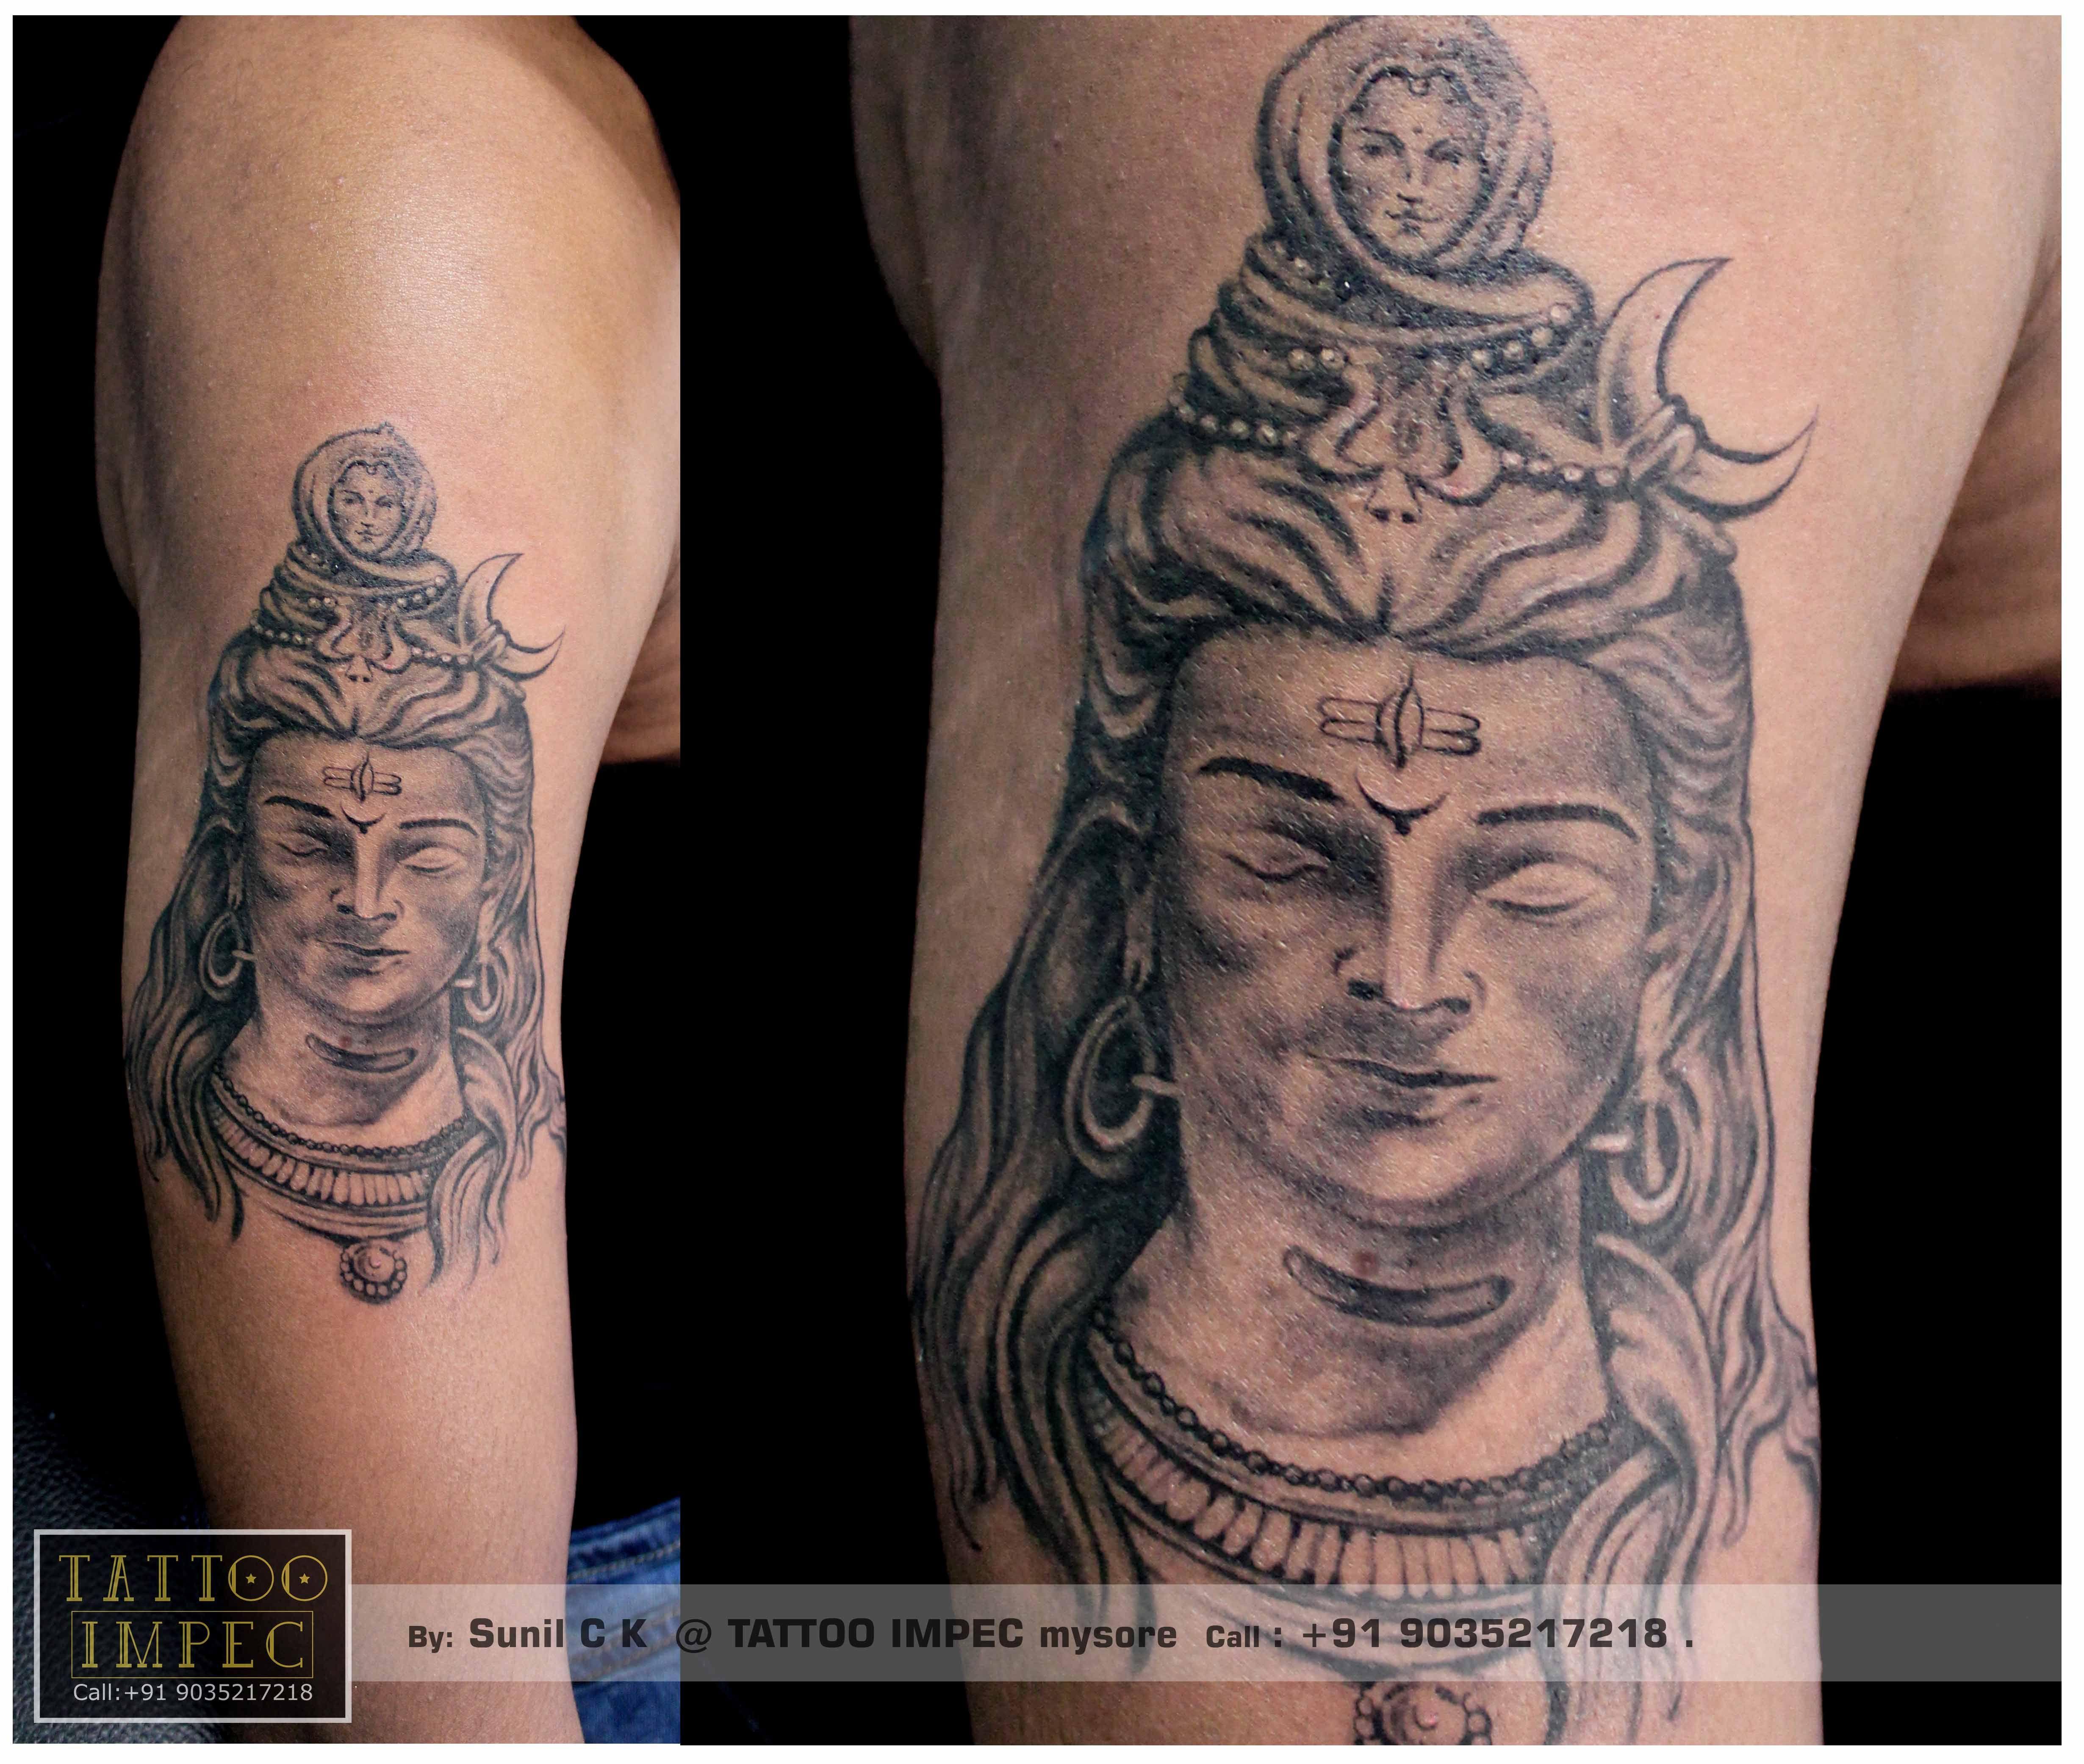 Tattoo Designs God Shiva: Pin By Tattoo Impec In Mysore On TATTOO IMPEC Works